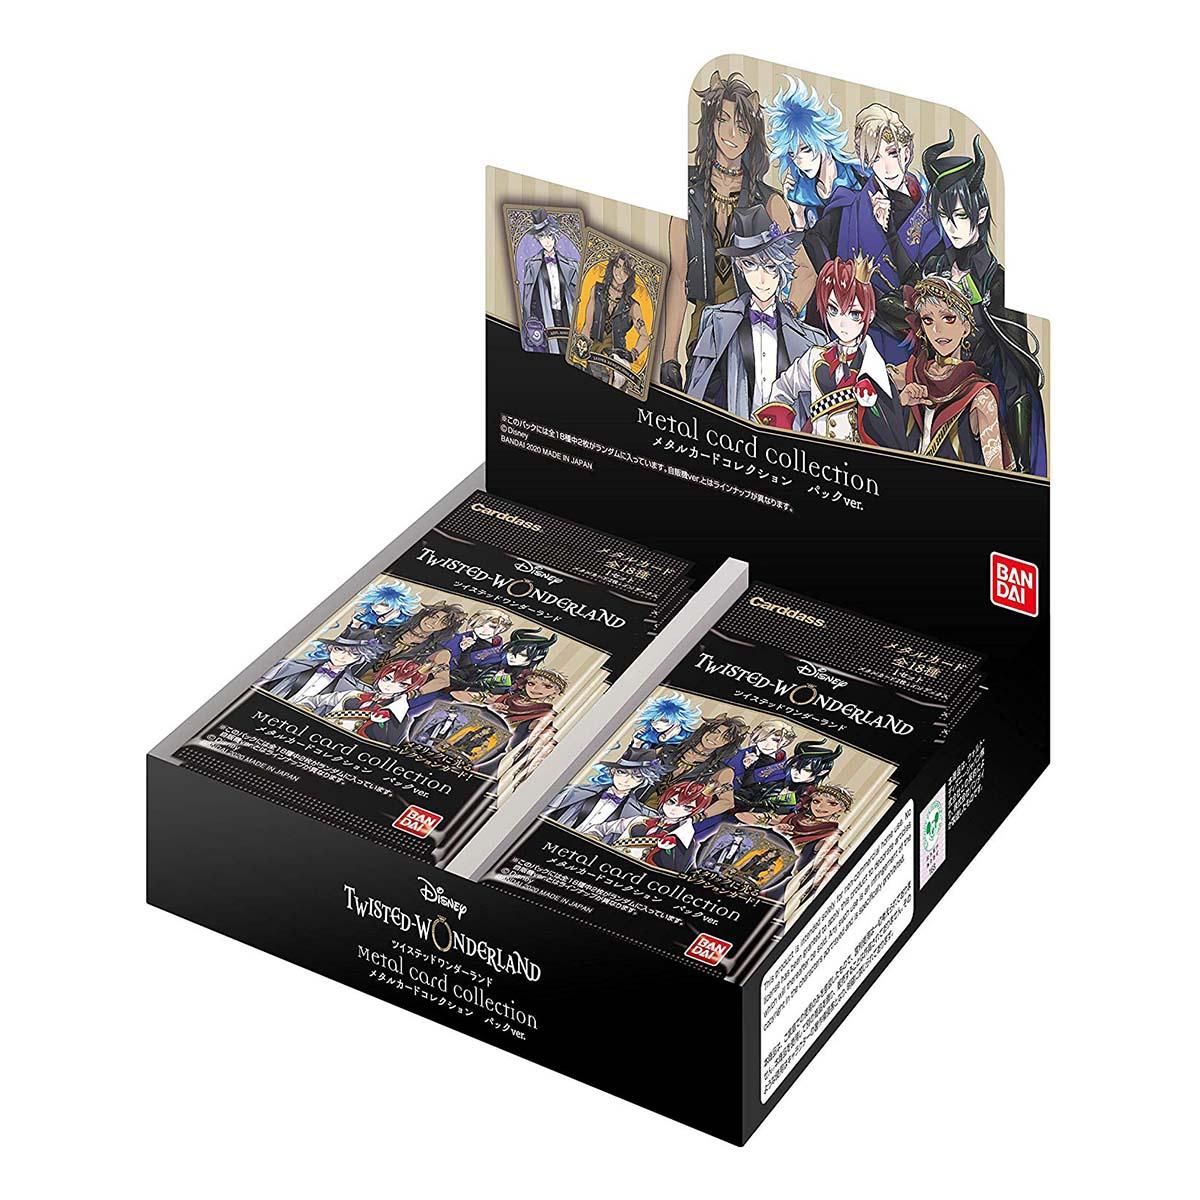 【再販】ディズニー ツイステッドワンダーランド『メタルカードコレクション パックver.』20パック入りBOX-019